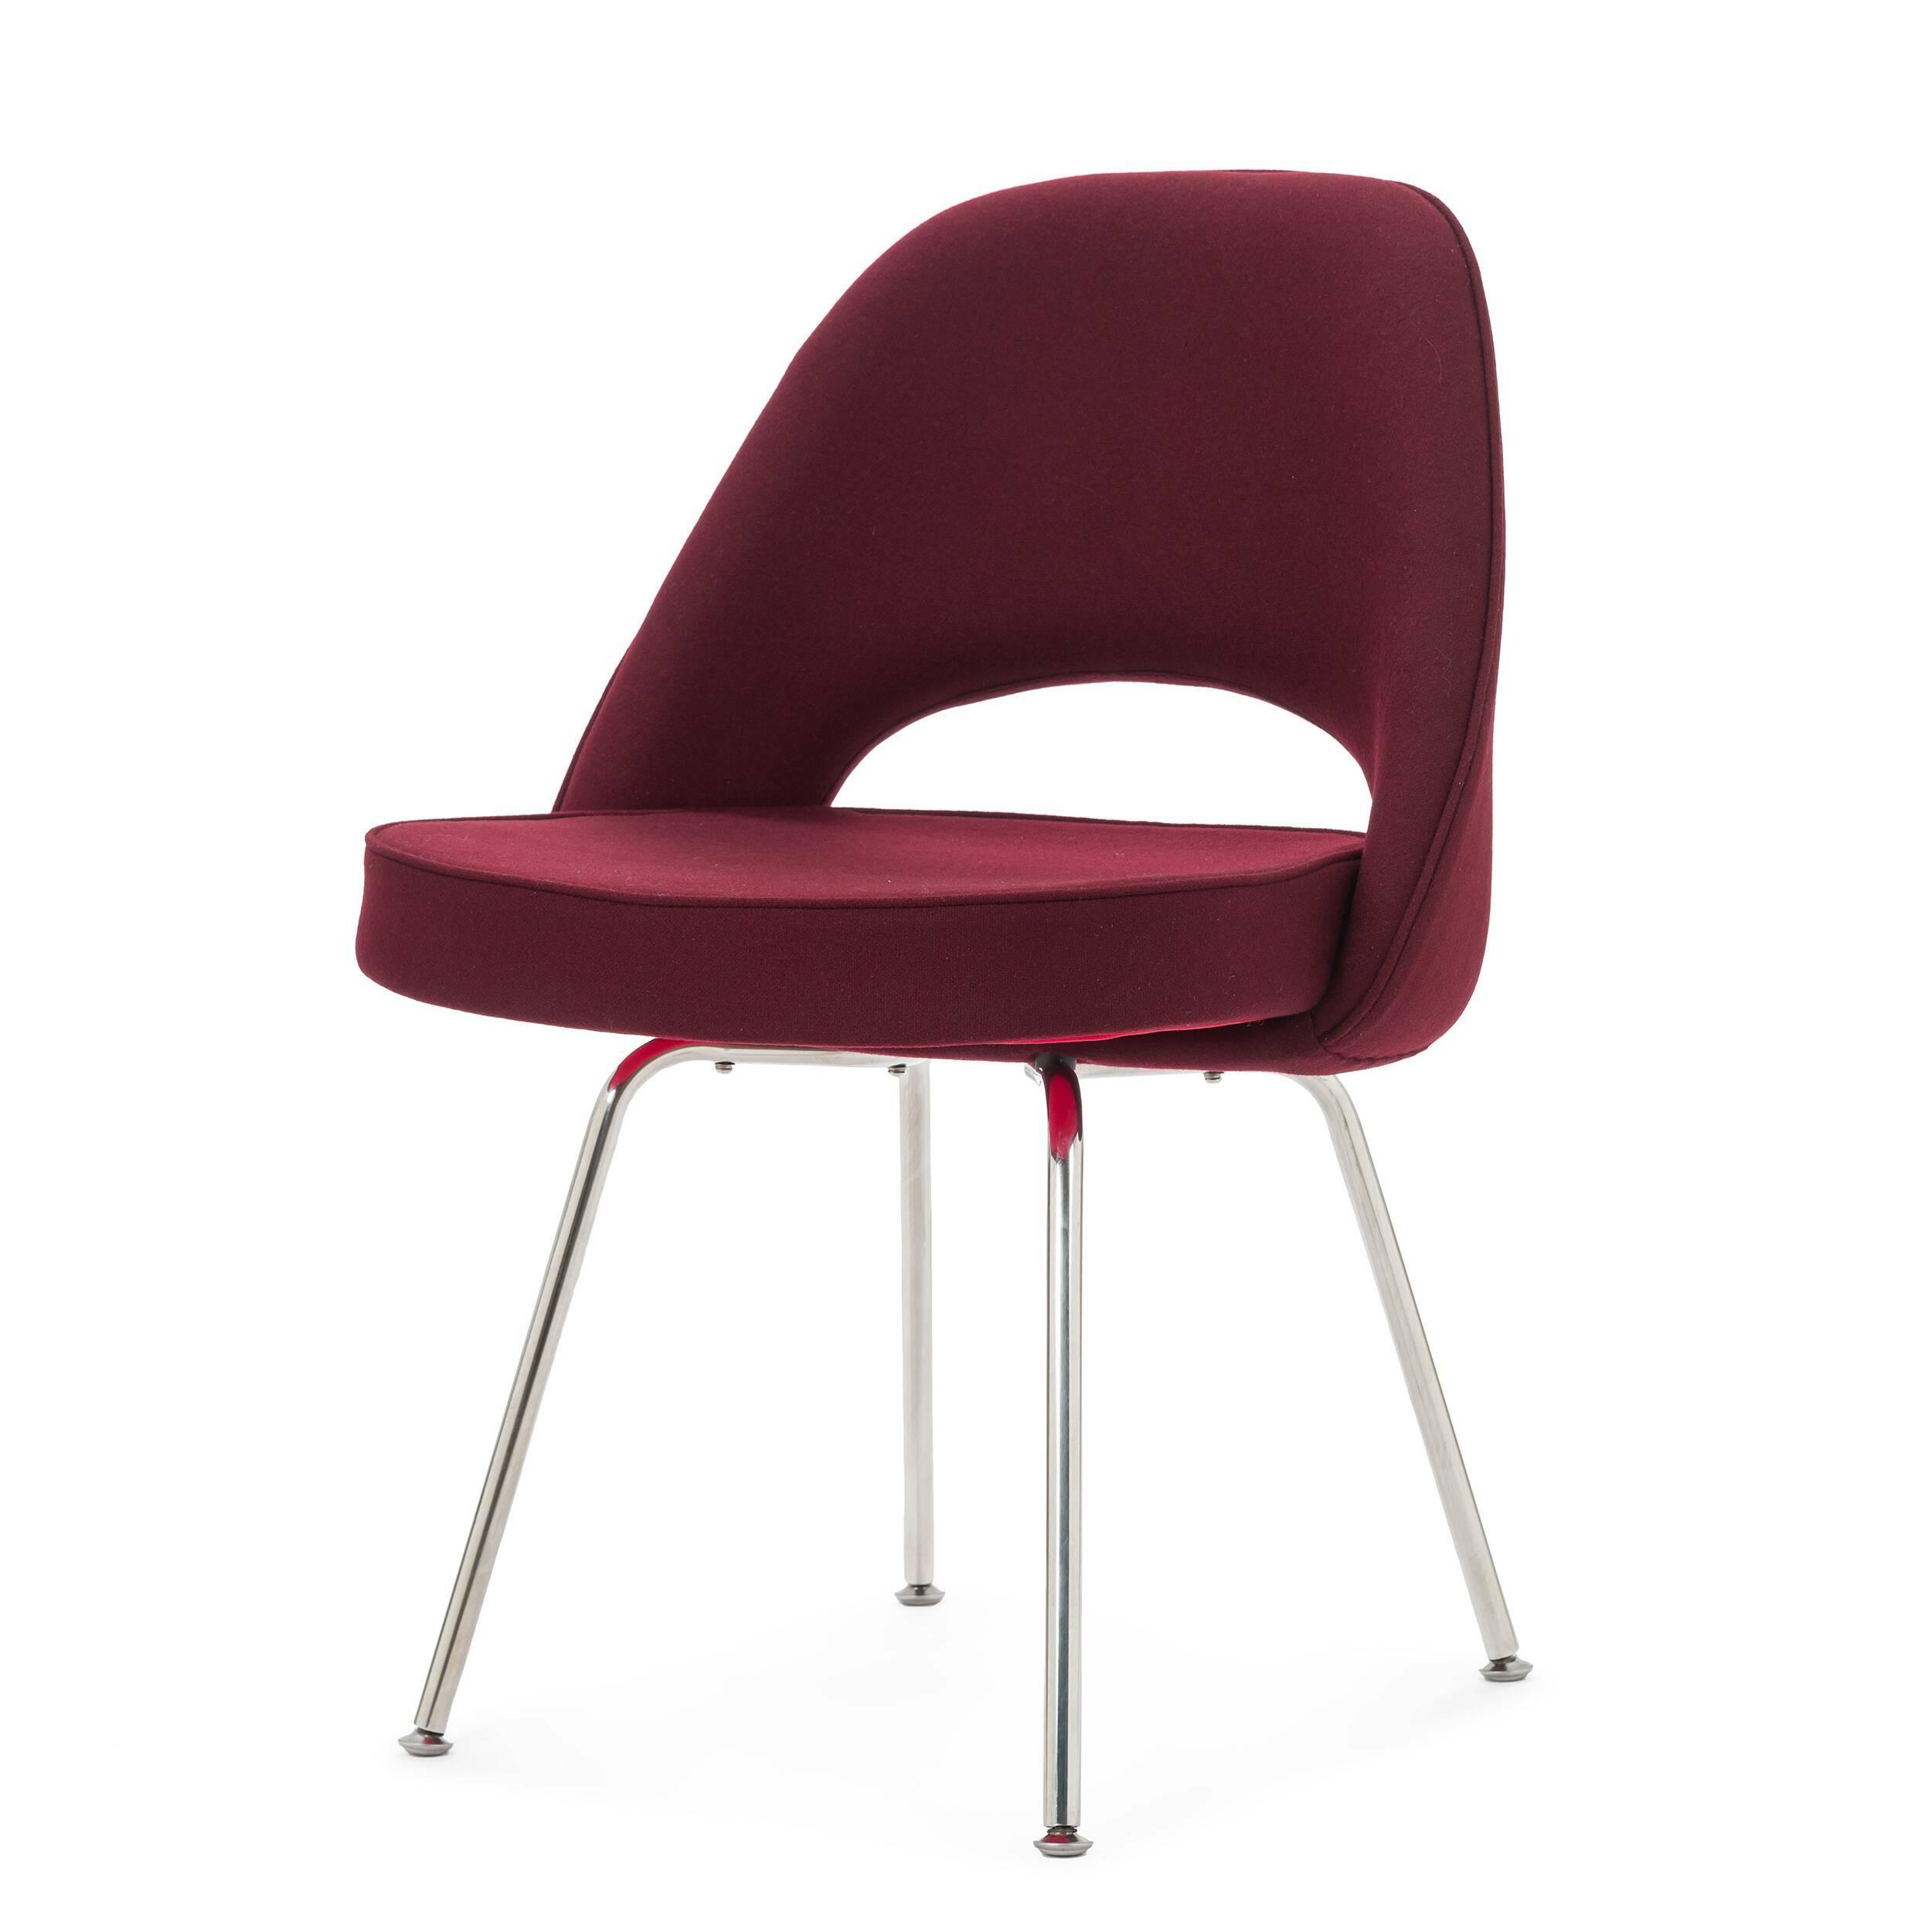 Кресло Side 2Интерьерные<br>Дизайнерское Яркое интерьерное кресло Side 2 (Сайд 2) с округлой спинкой на металлических ножках от Cosmo (Космо).<br><br><br> Модель кресла Side 2 от известного дизайнера Ээро Сааринена, разработанная в середине XX века, не потеряла своей актуальности и сейчас. Ээро был не только дизайнером, но и прекрасным архитектором, и именно поэтому все его изделия так продуманы и адаптированы для человека. Проекты великого мастера всегда отличаются своей эргономичностью, и кресло Side 2<br>не исключение. И...<br><br>stock: 0<br>Высота: 81<br>Высота сиденья: 49<br>Ширина: 57<br>Глубина: 55,5<br>Цвет ножек: Хром<br>Материал обивки: Шерсть, Нейлон<br>Коллекция ткани: T Fabric<br>Тип материала обивки: Ткань<br>Тип материала ножек: Сталь нержавеющая<br>Цвет обивки: Бургунди